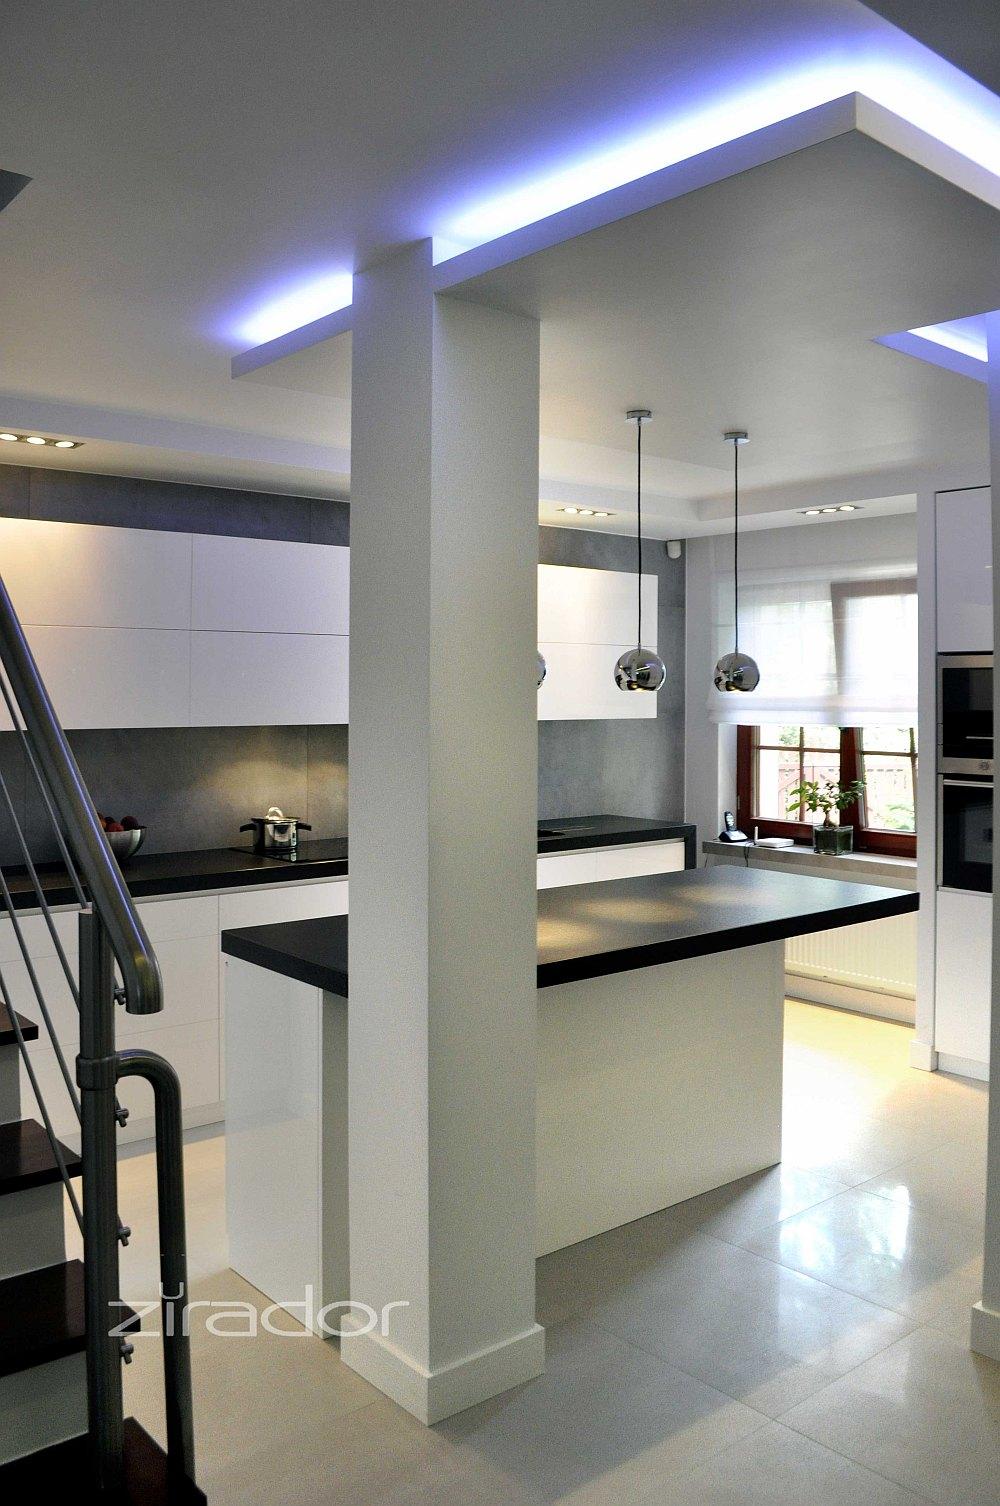 nowoczesna biała kuchnia (3)